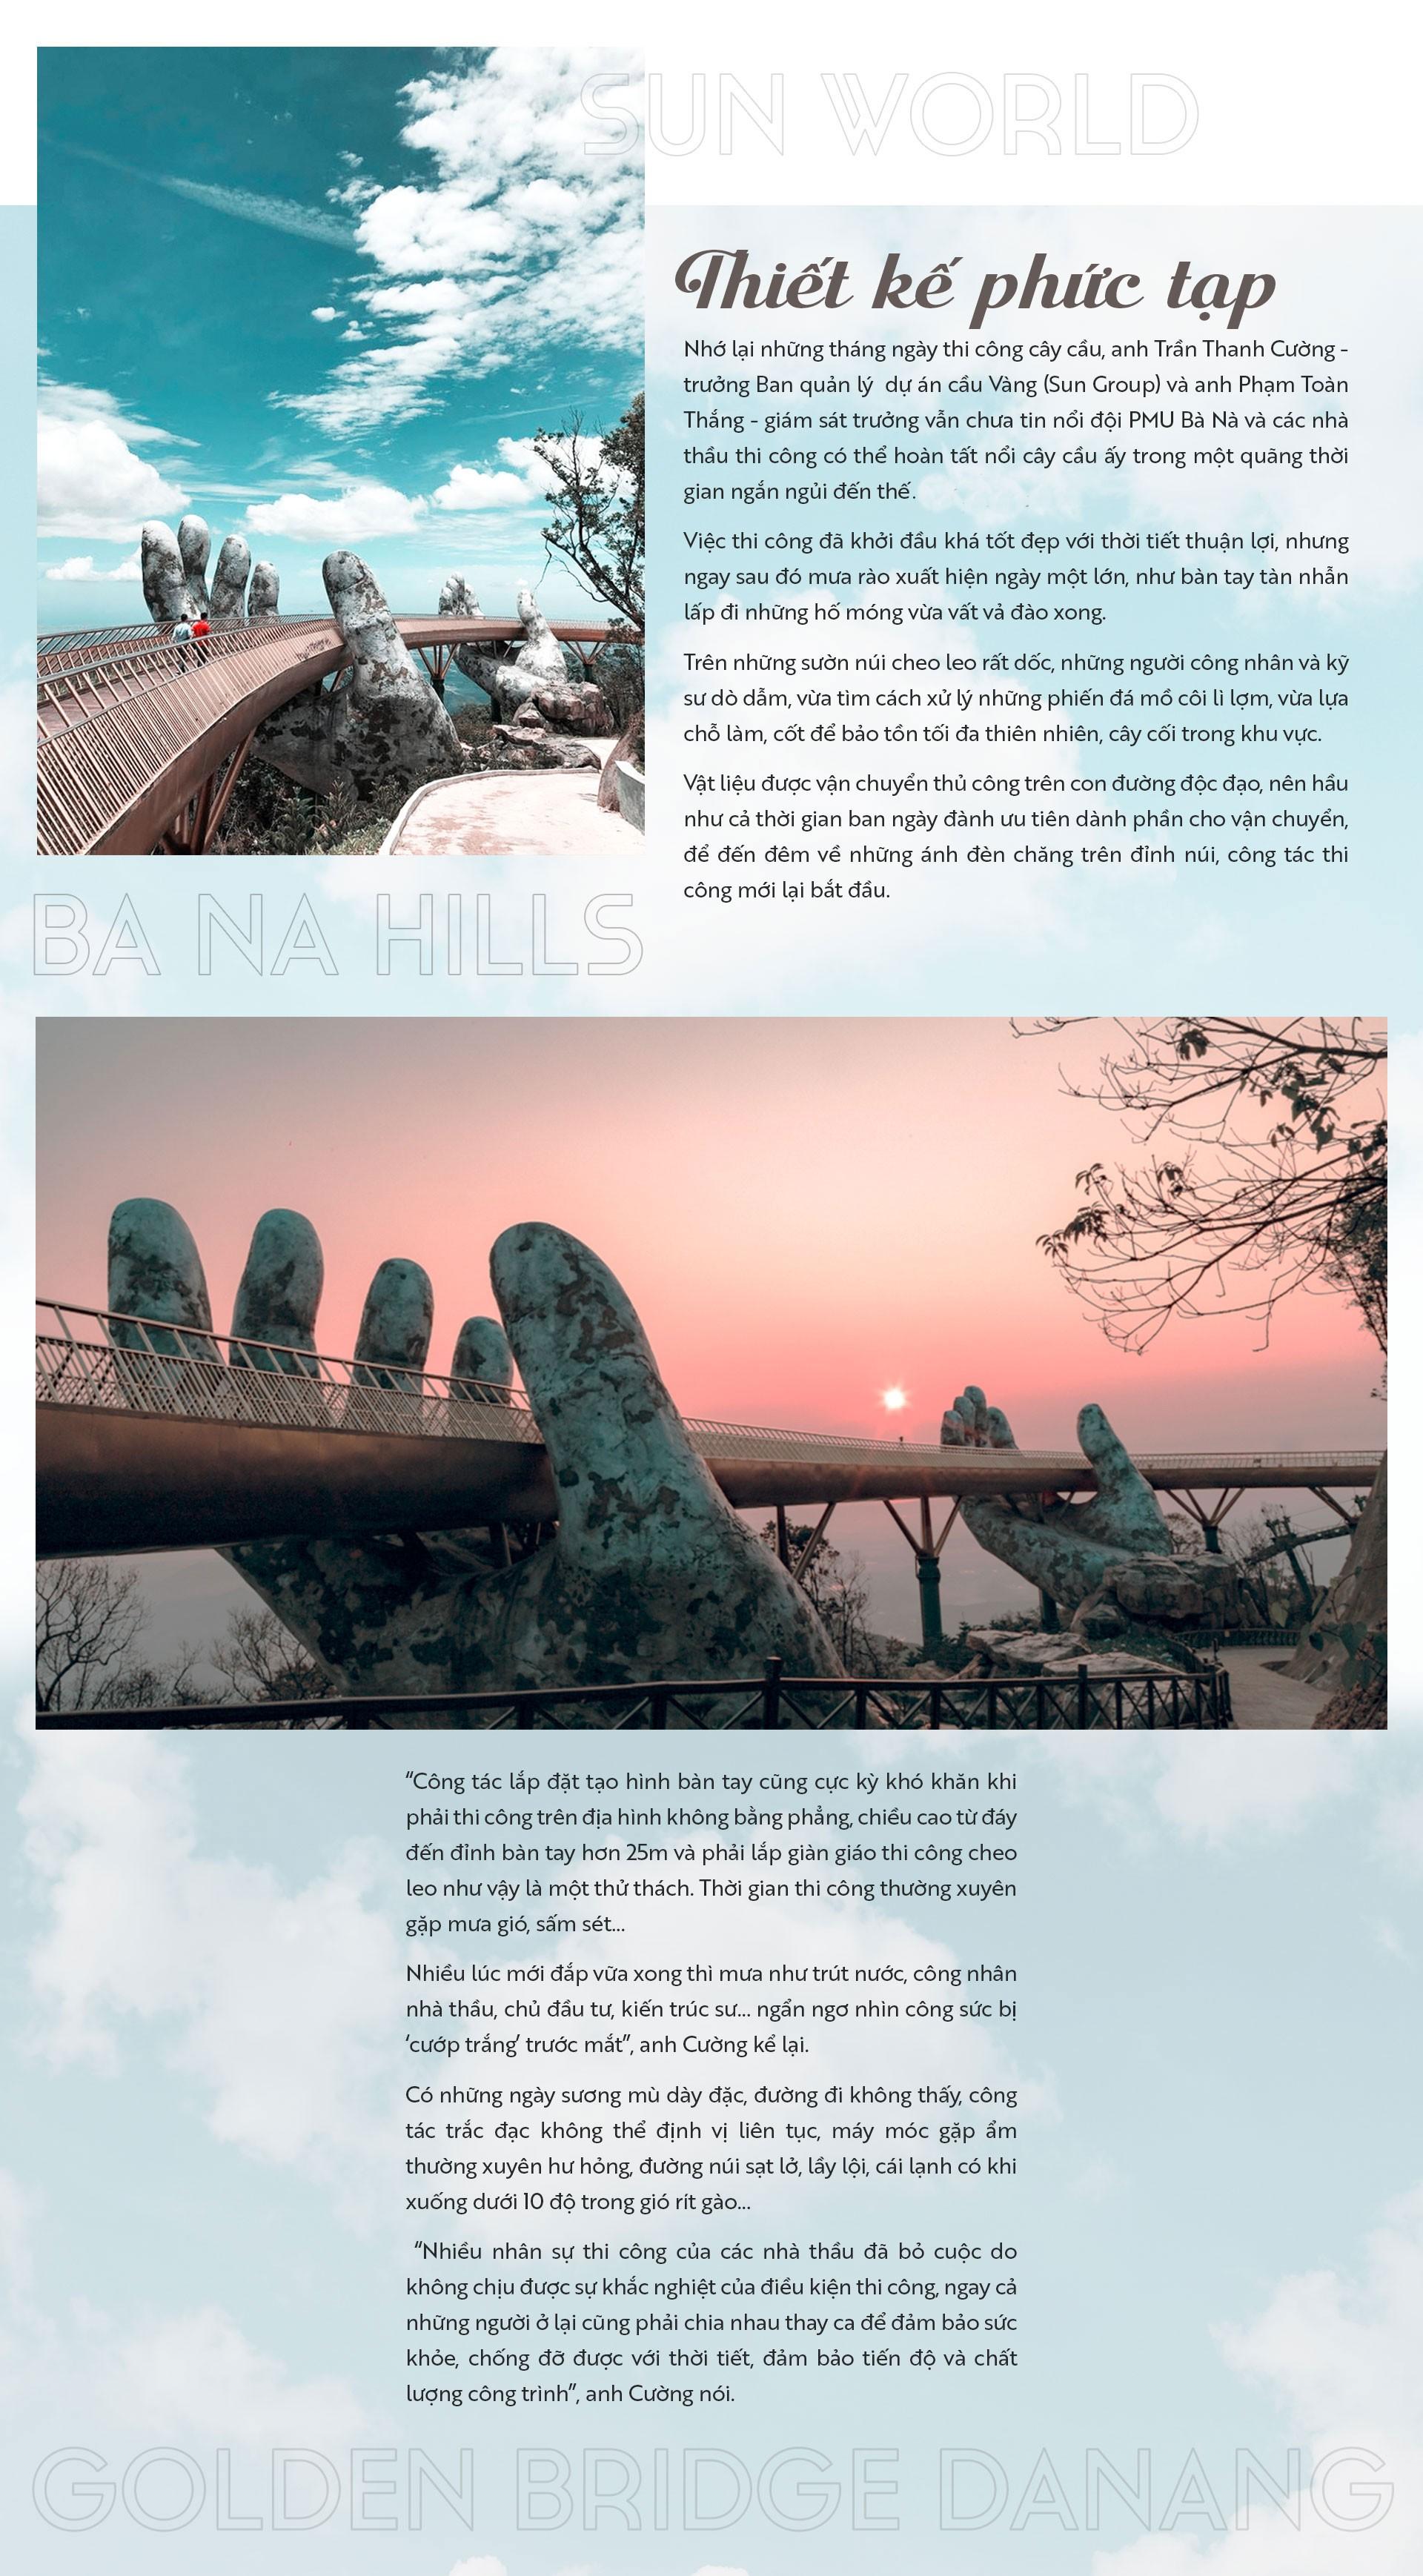 Cầu Vàng - biểu tượng mới giữa ngàn mây - Ảnh 5.